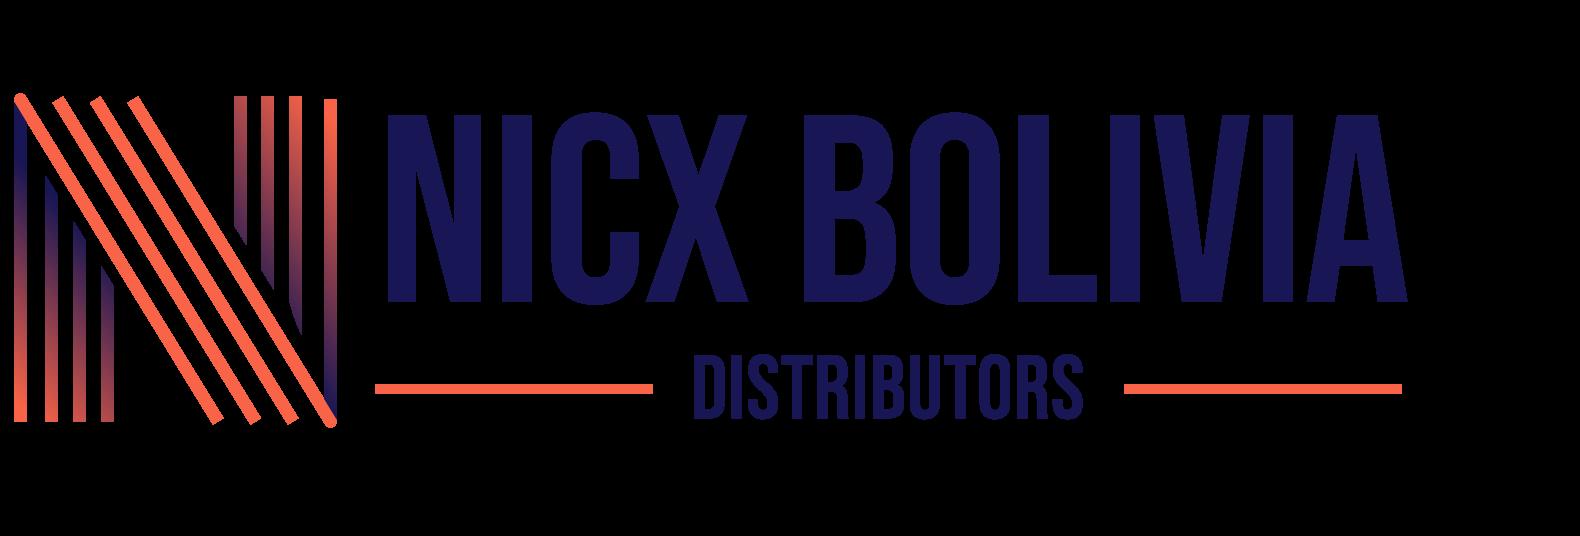 NICX BOLIVIA